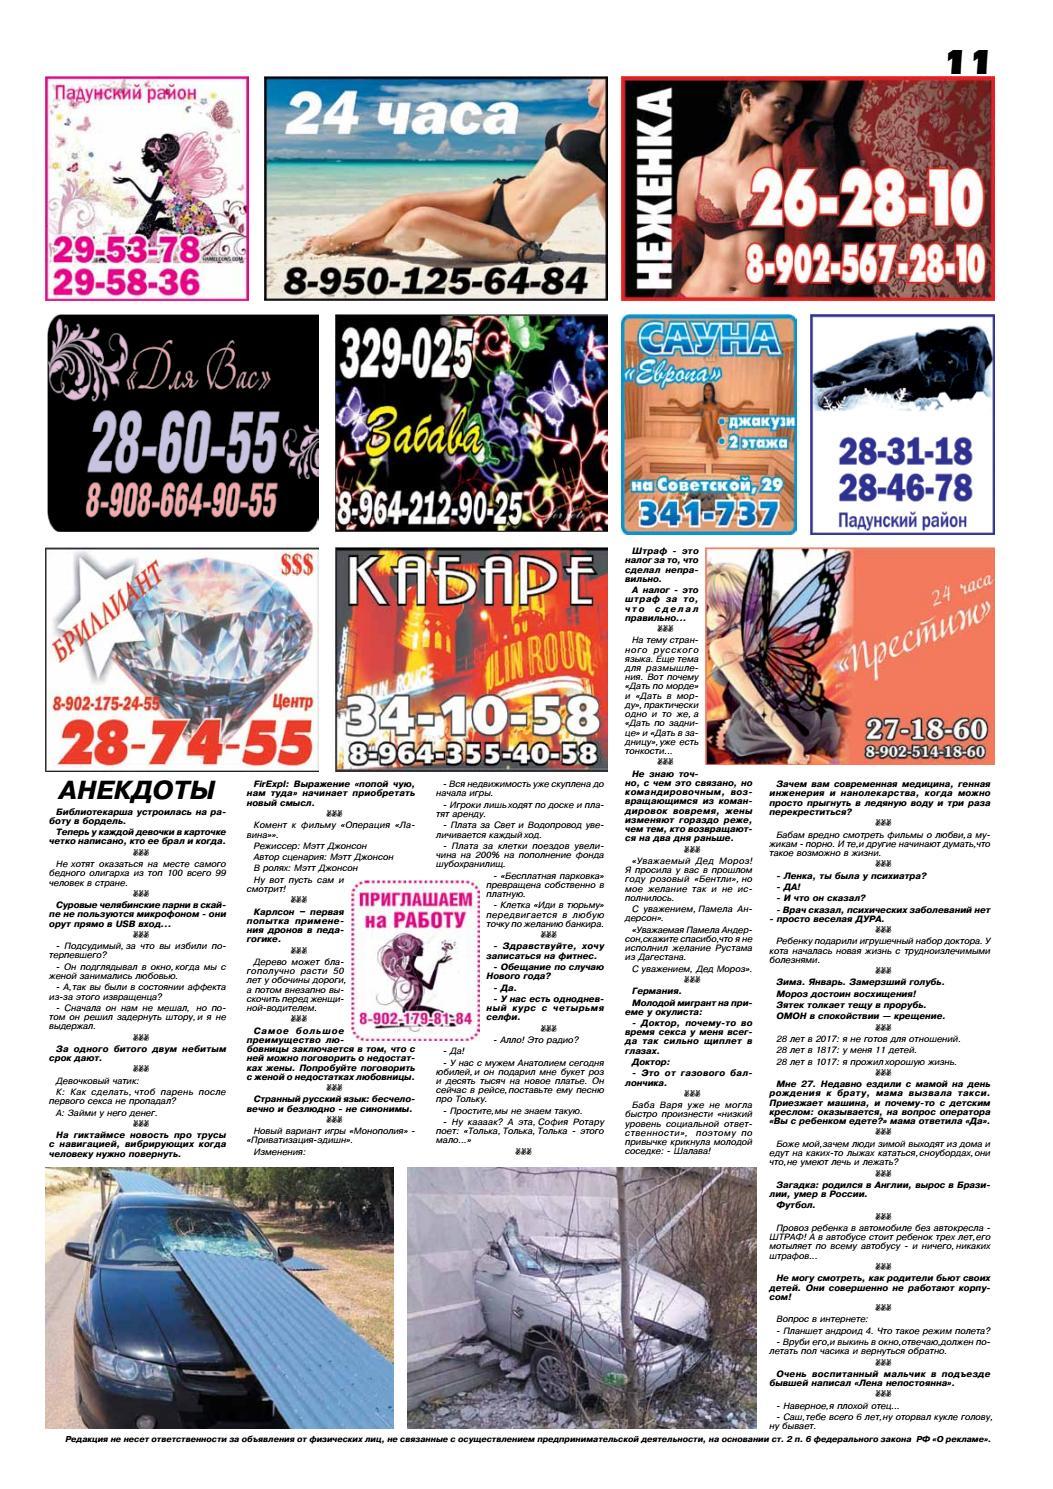 объявления проституток в газете